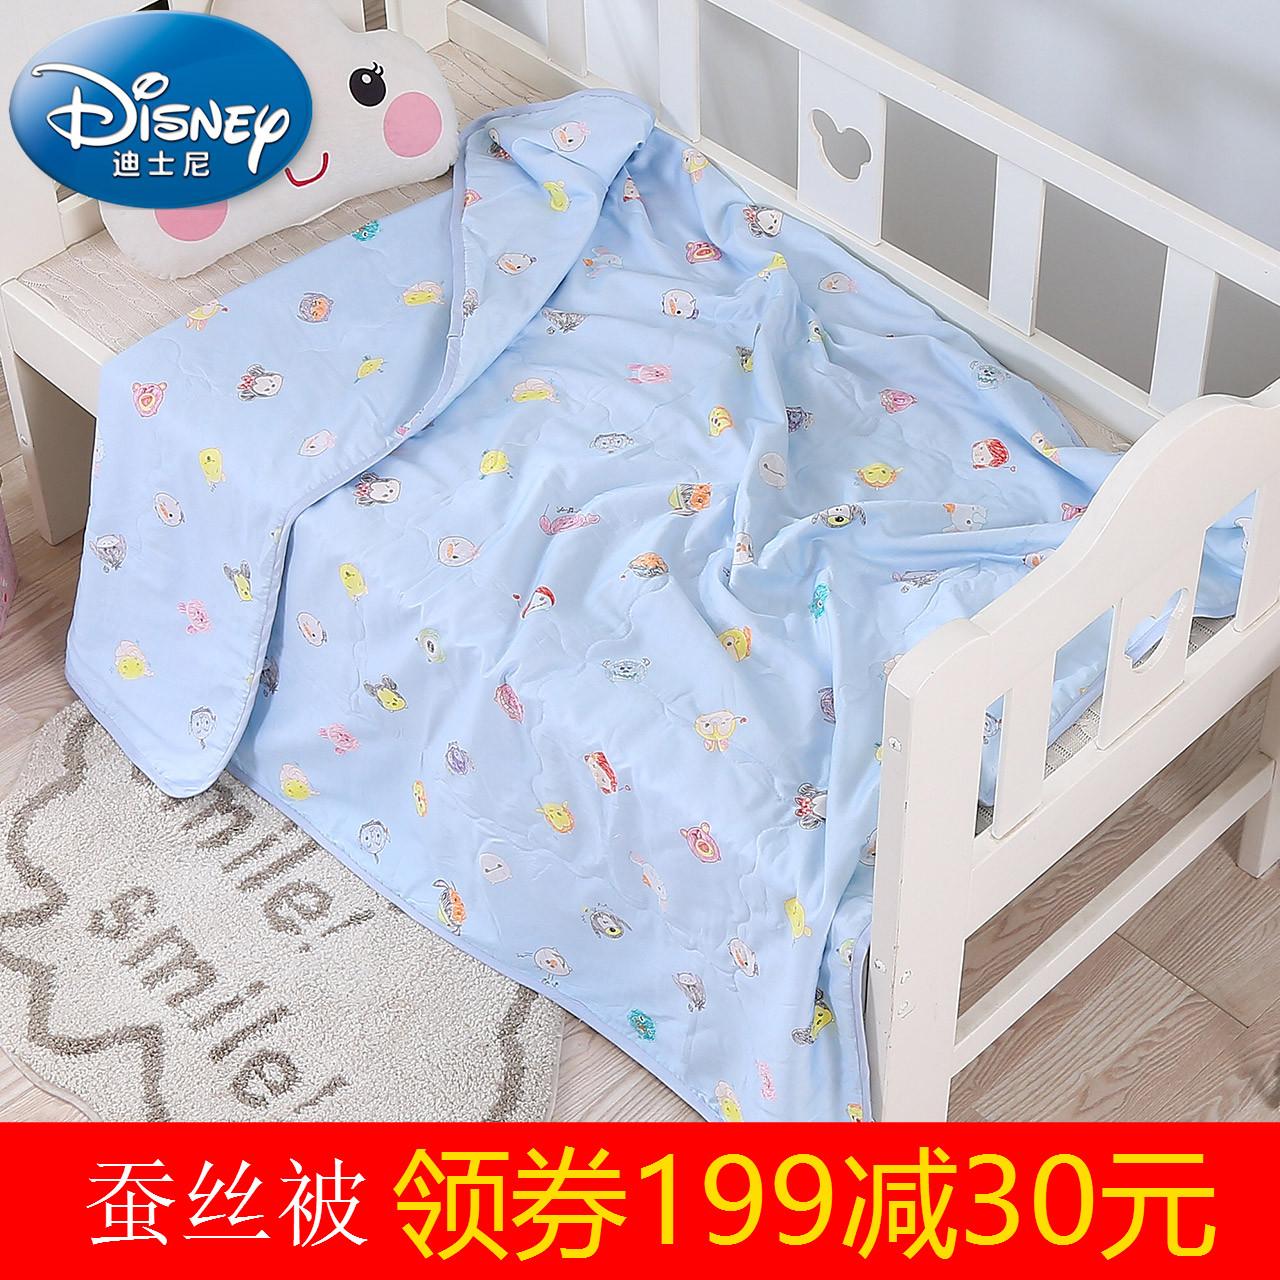 Disney хлопок шелк находятся детский сад вздремнуть небольшой одеяло ребенок ребенок крышка получить летом прохладно летом кондиционер был